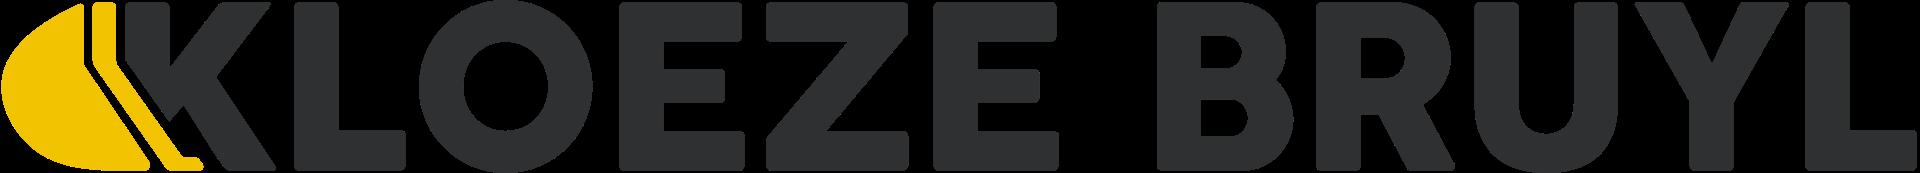 Kloeze Bruyl Logo